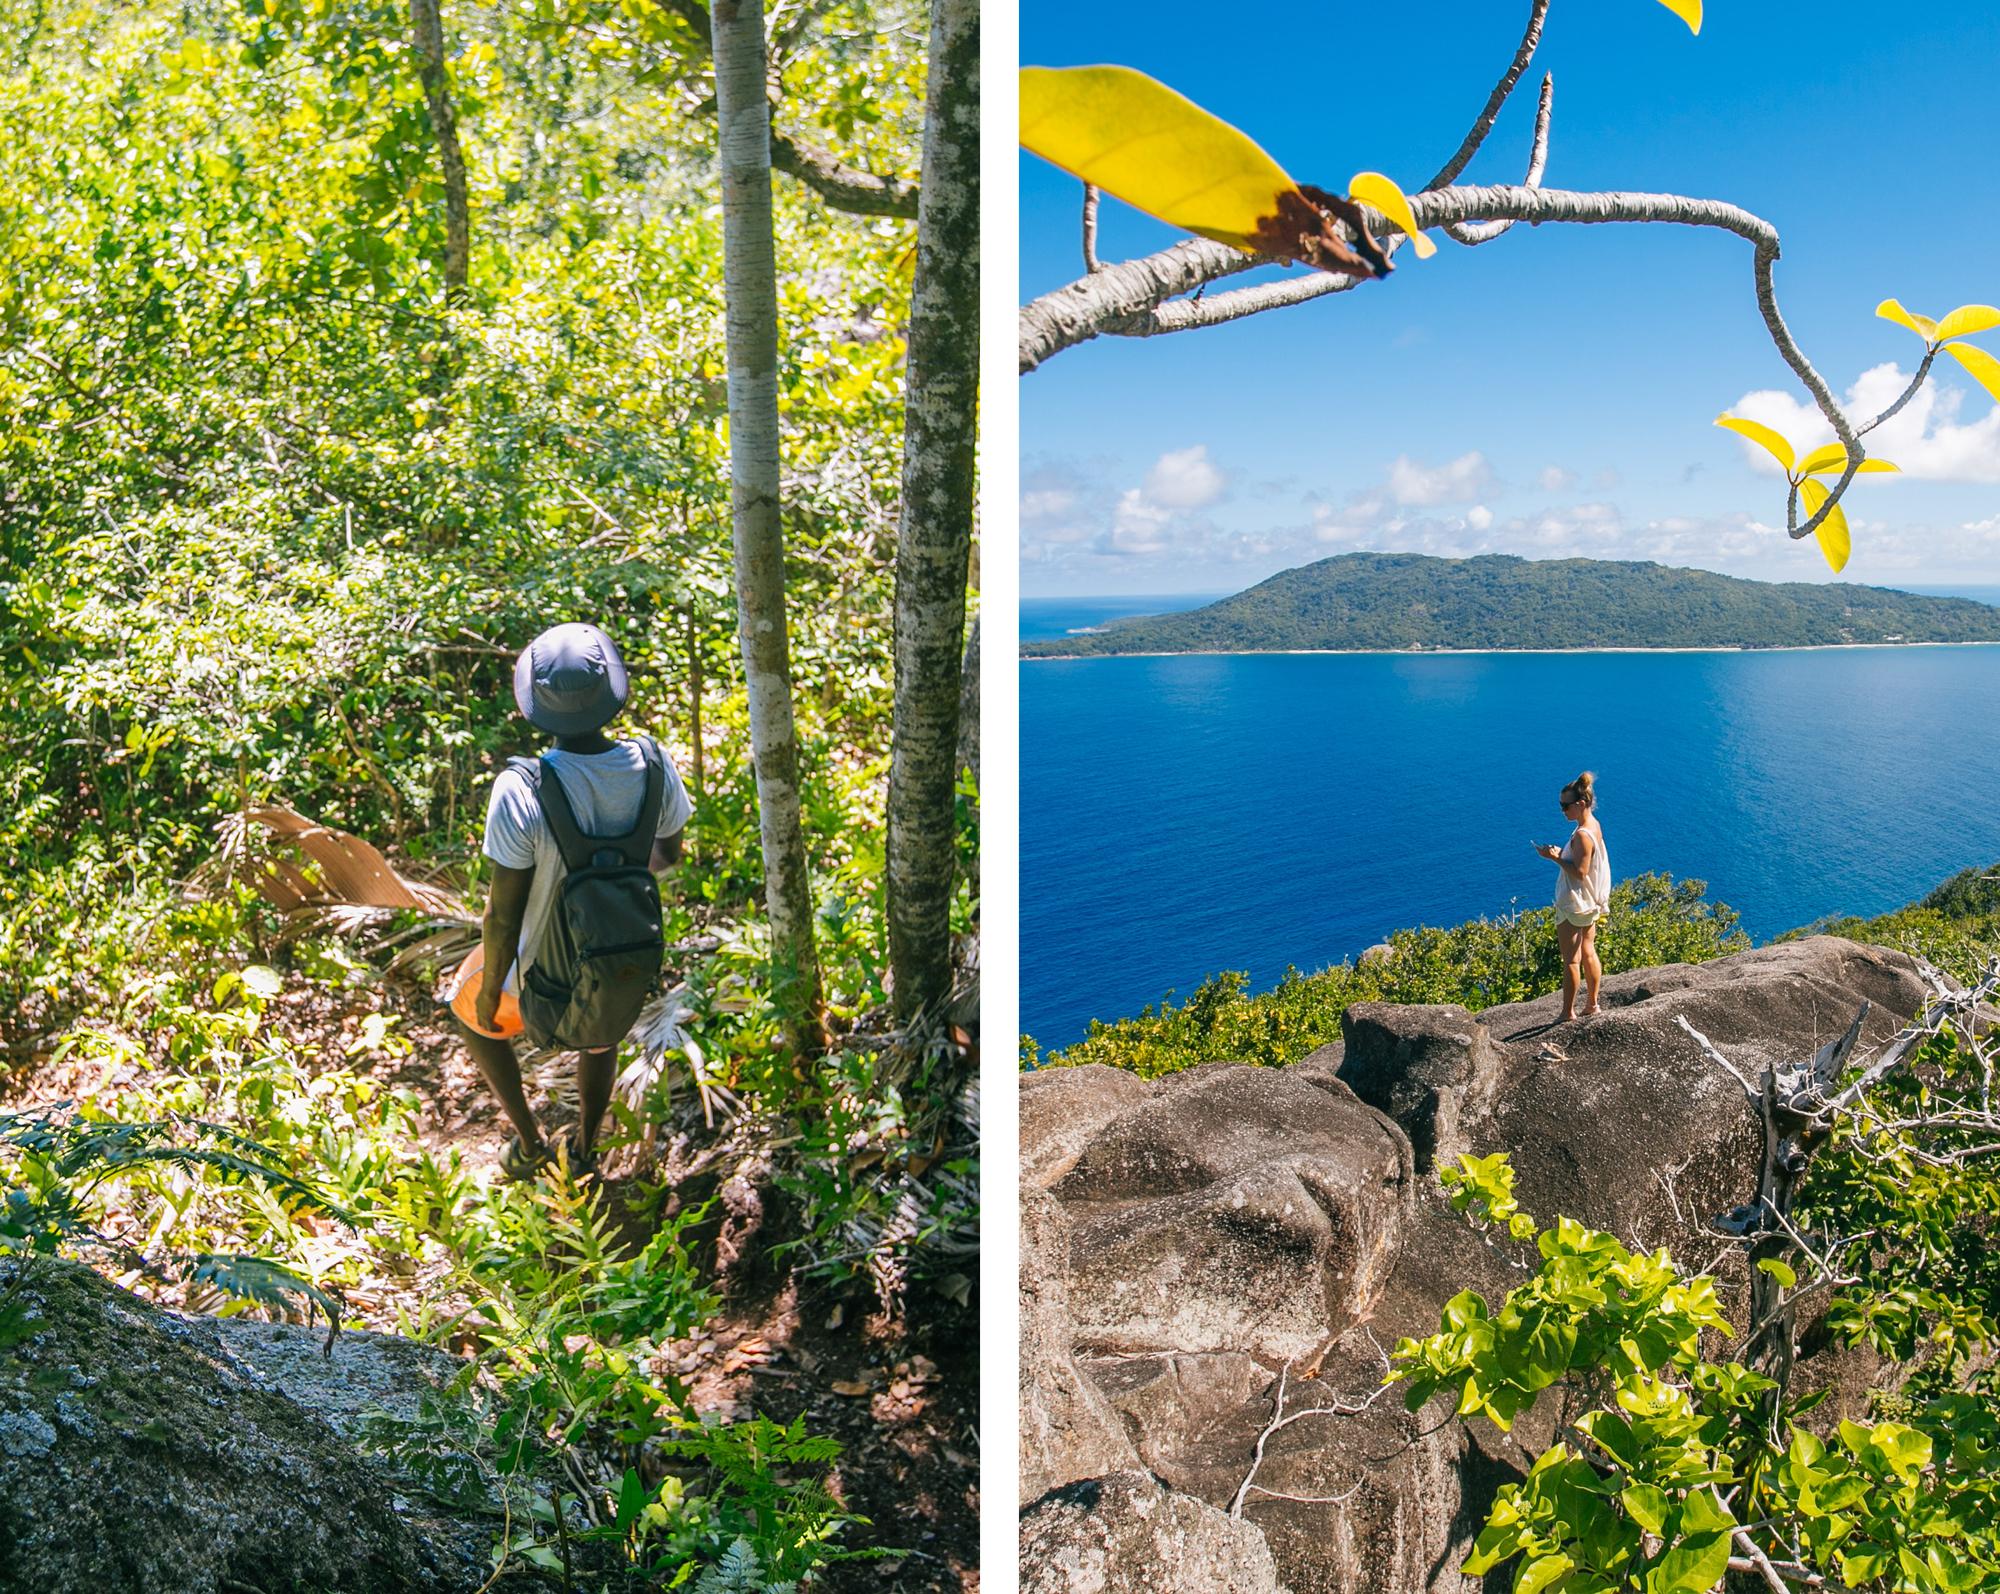 klettern und wandern auf félicité island, seychellen